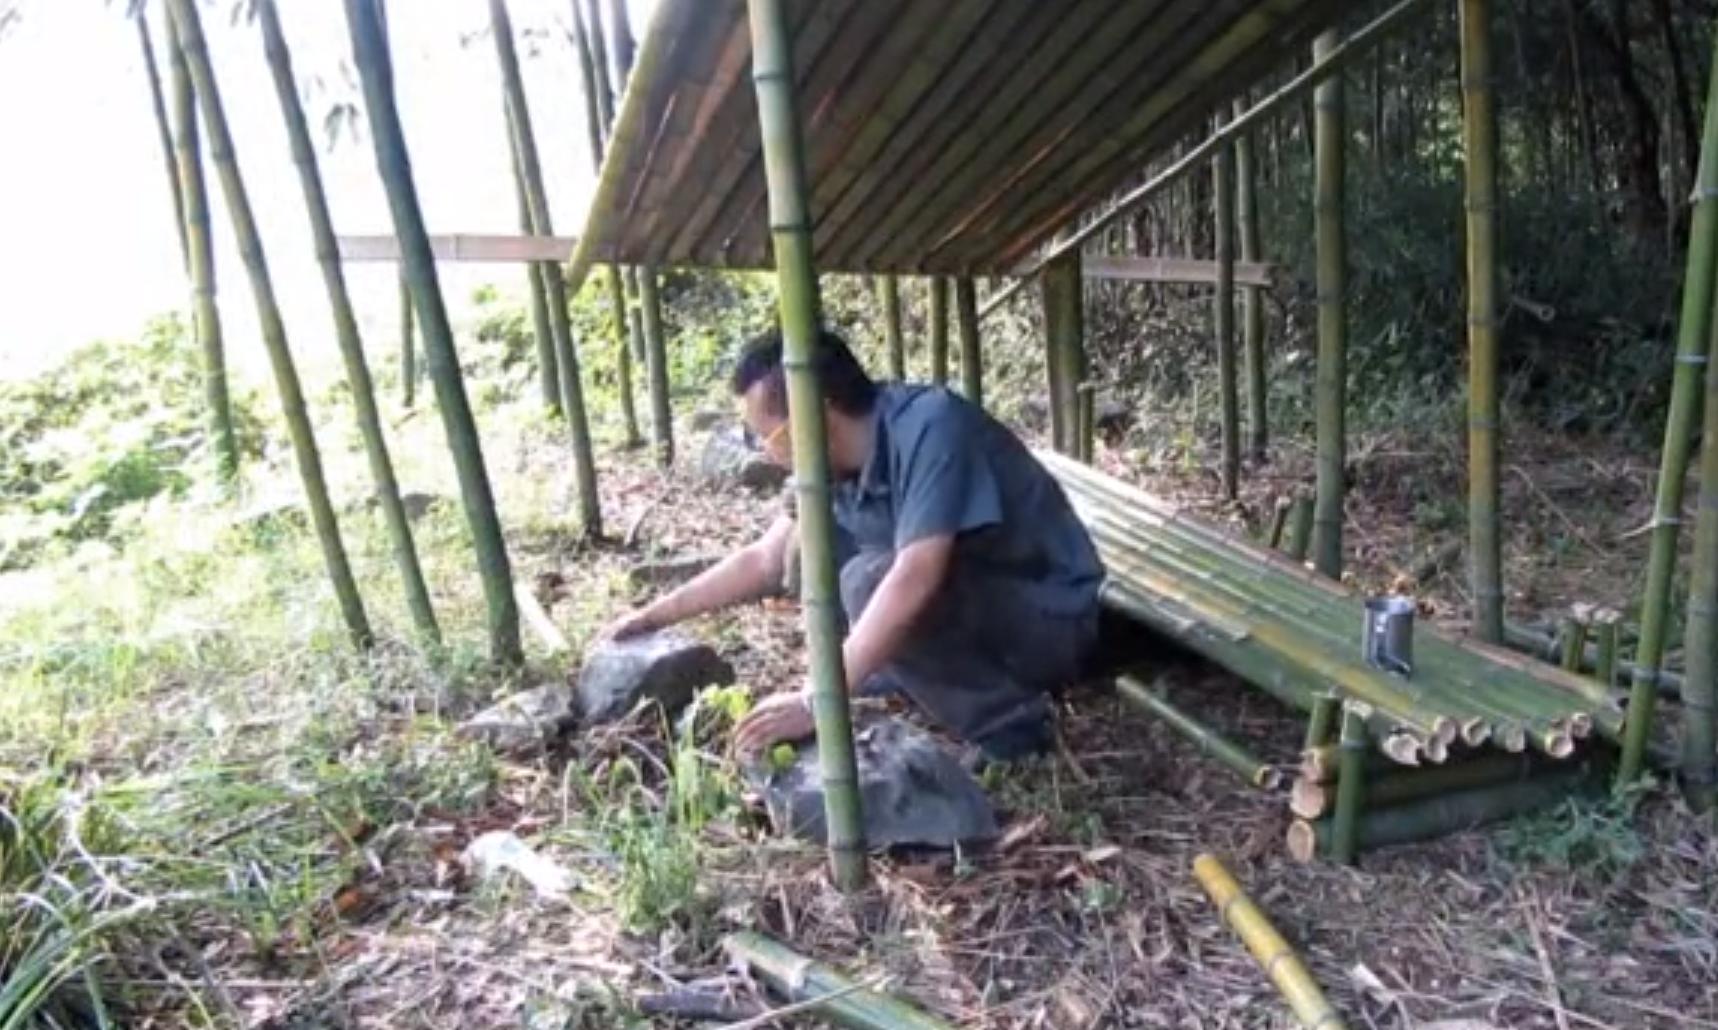 可以在屋子底部用劈开的竹子作为排水沟.